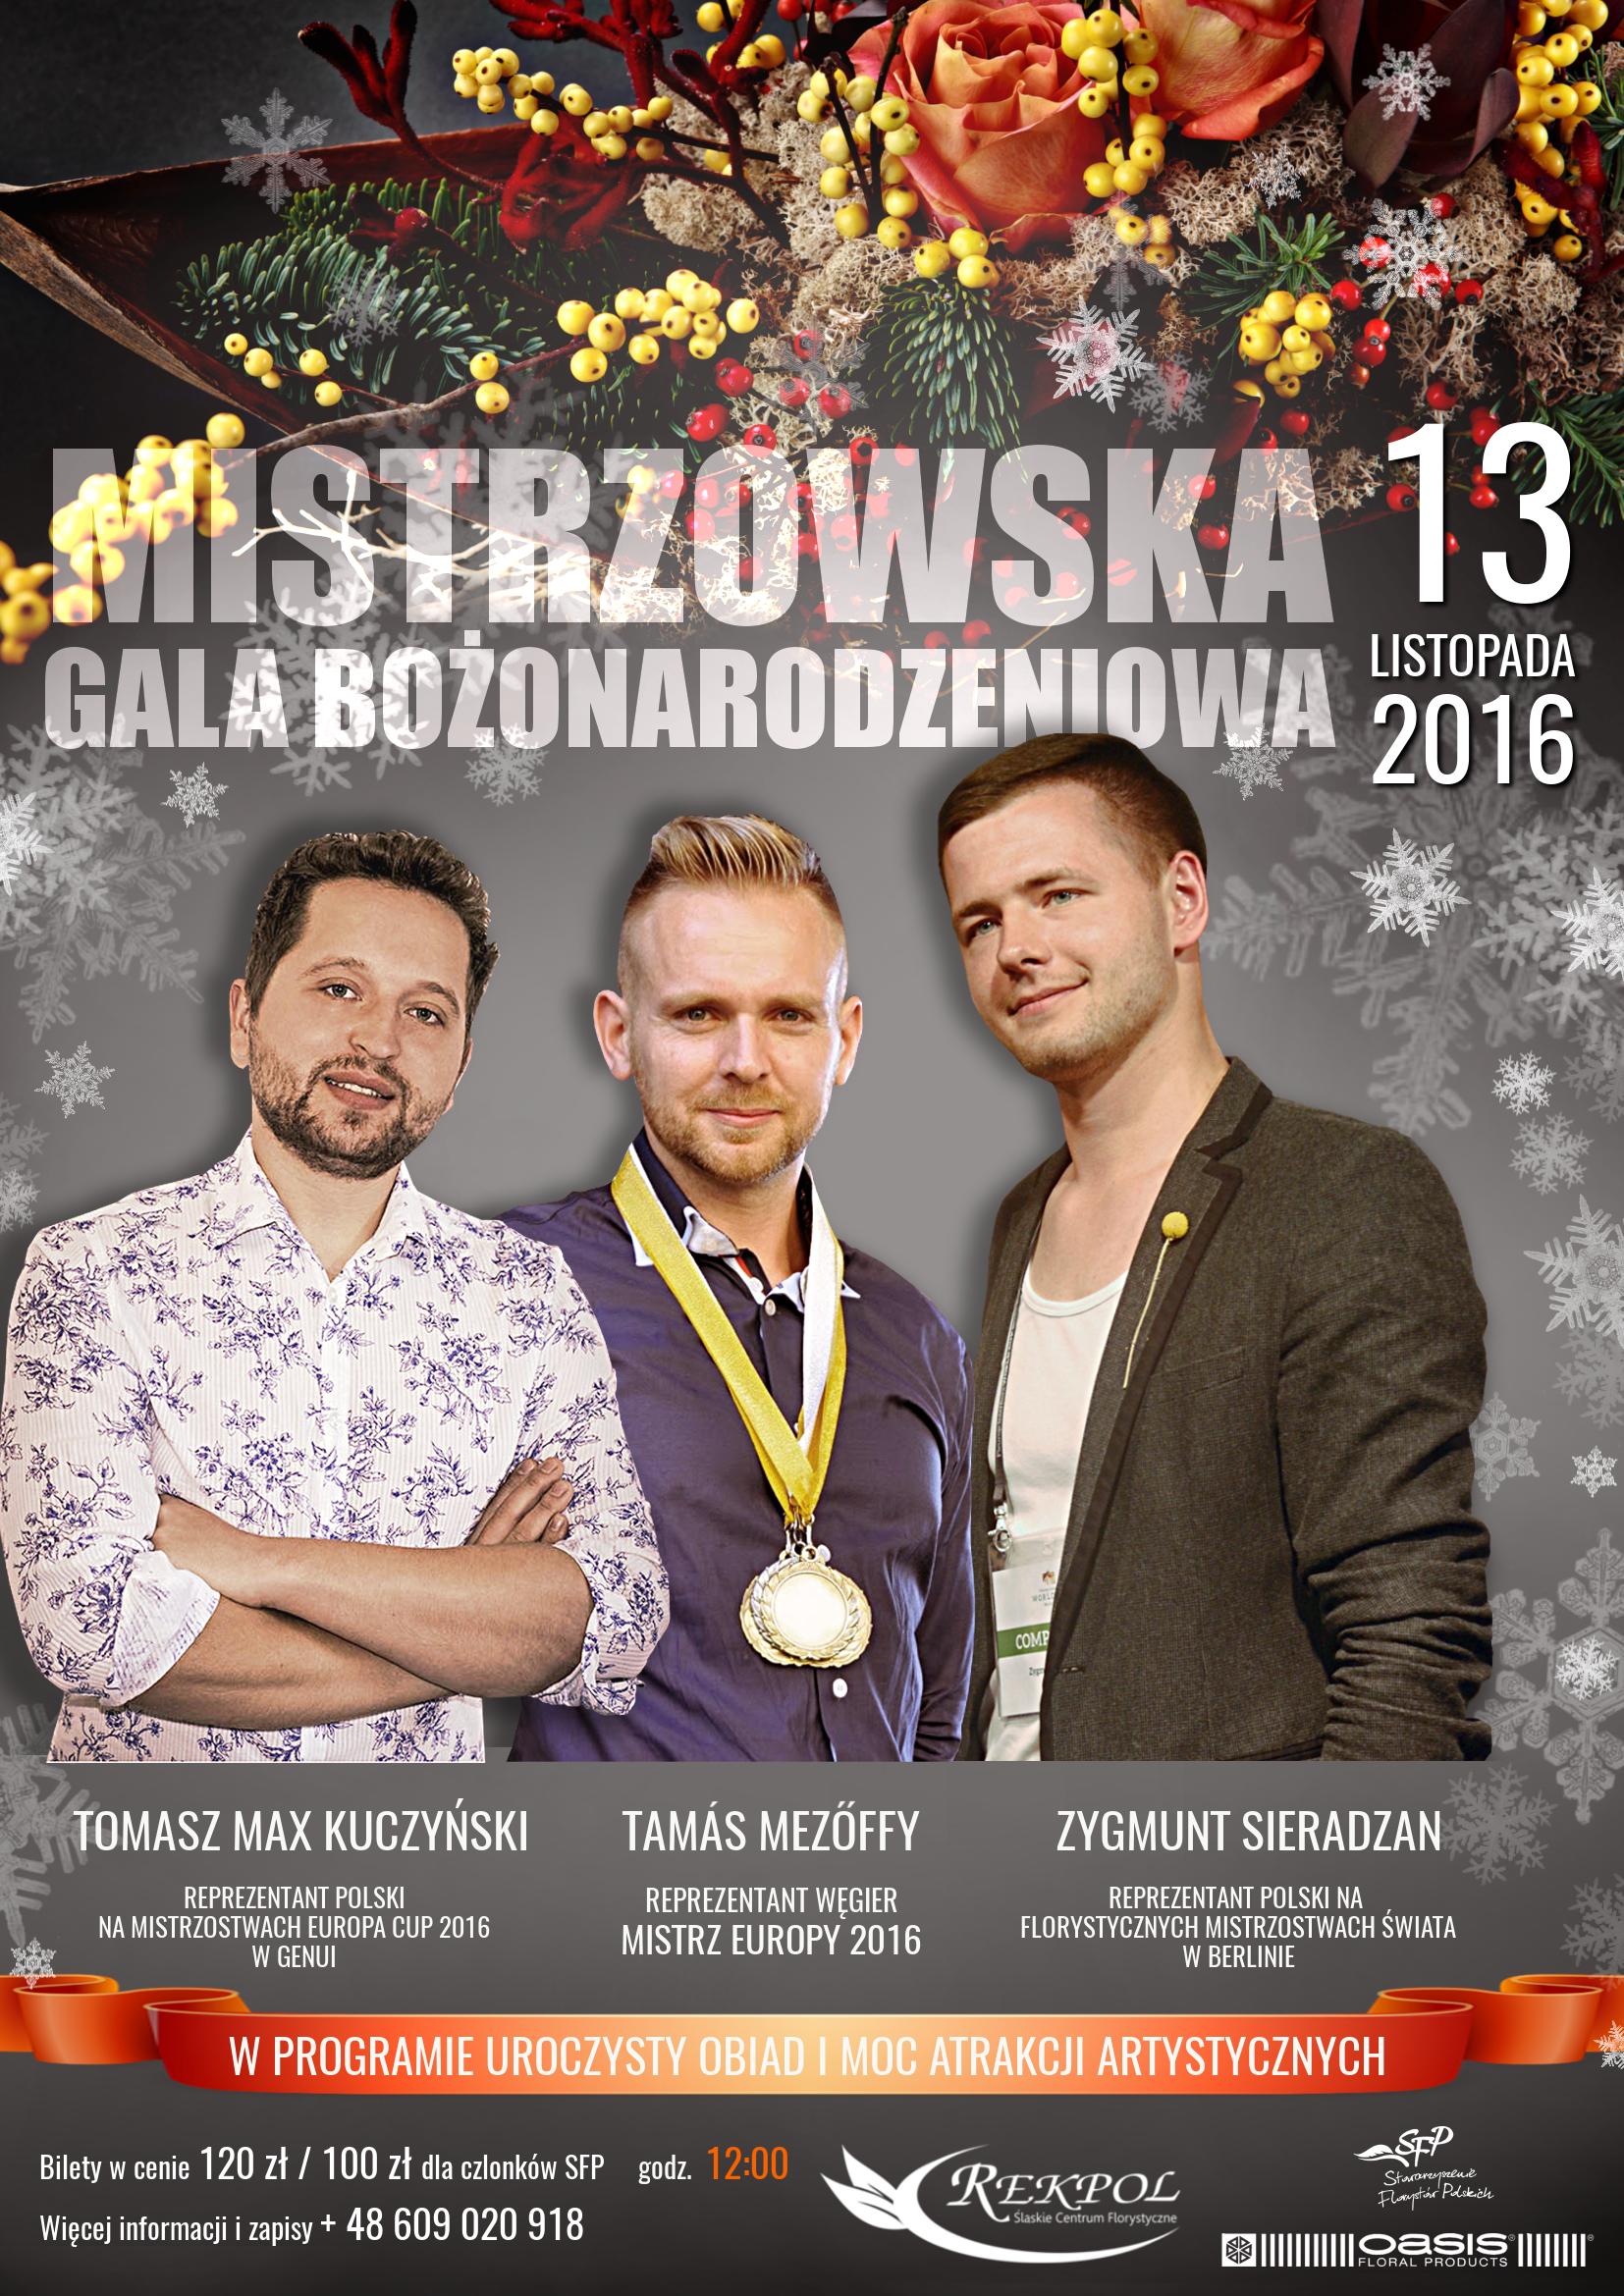 Mistrzowska Gala Bożonarodzeniowa 2016